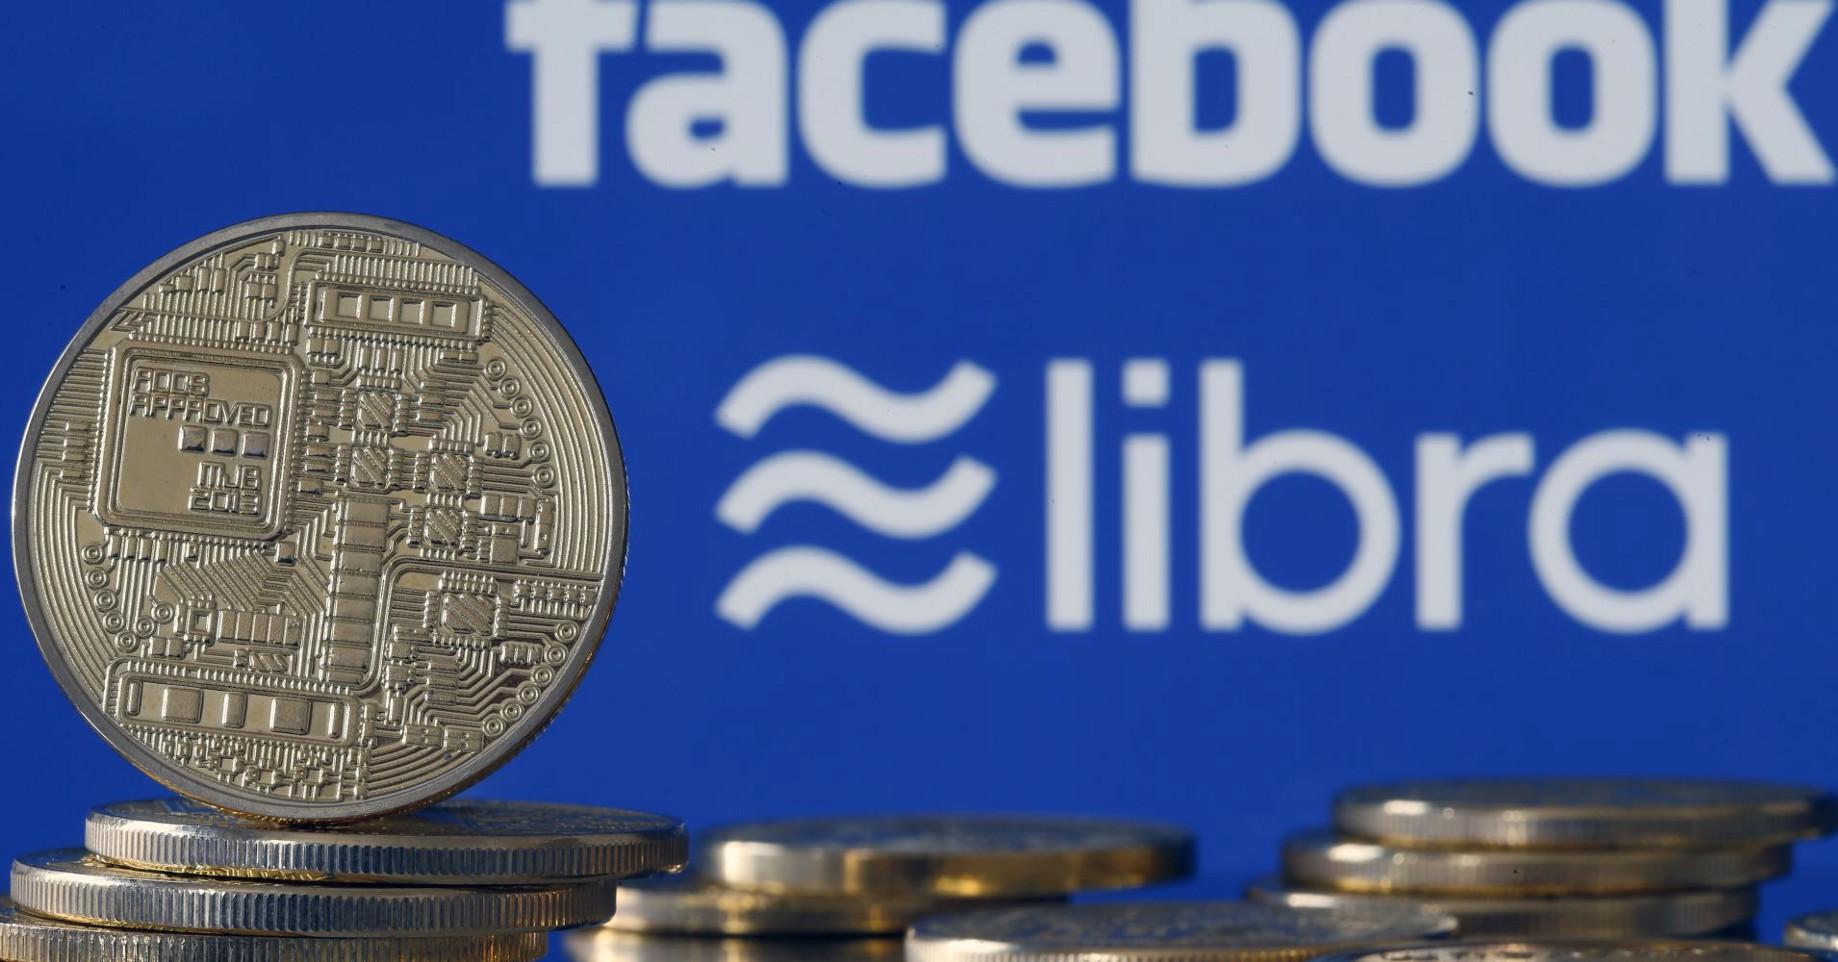 Минфин США назвал будущую криптовалюту Facebook угрозой для национальной безопасности